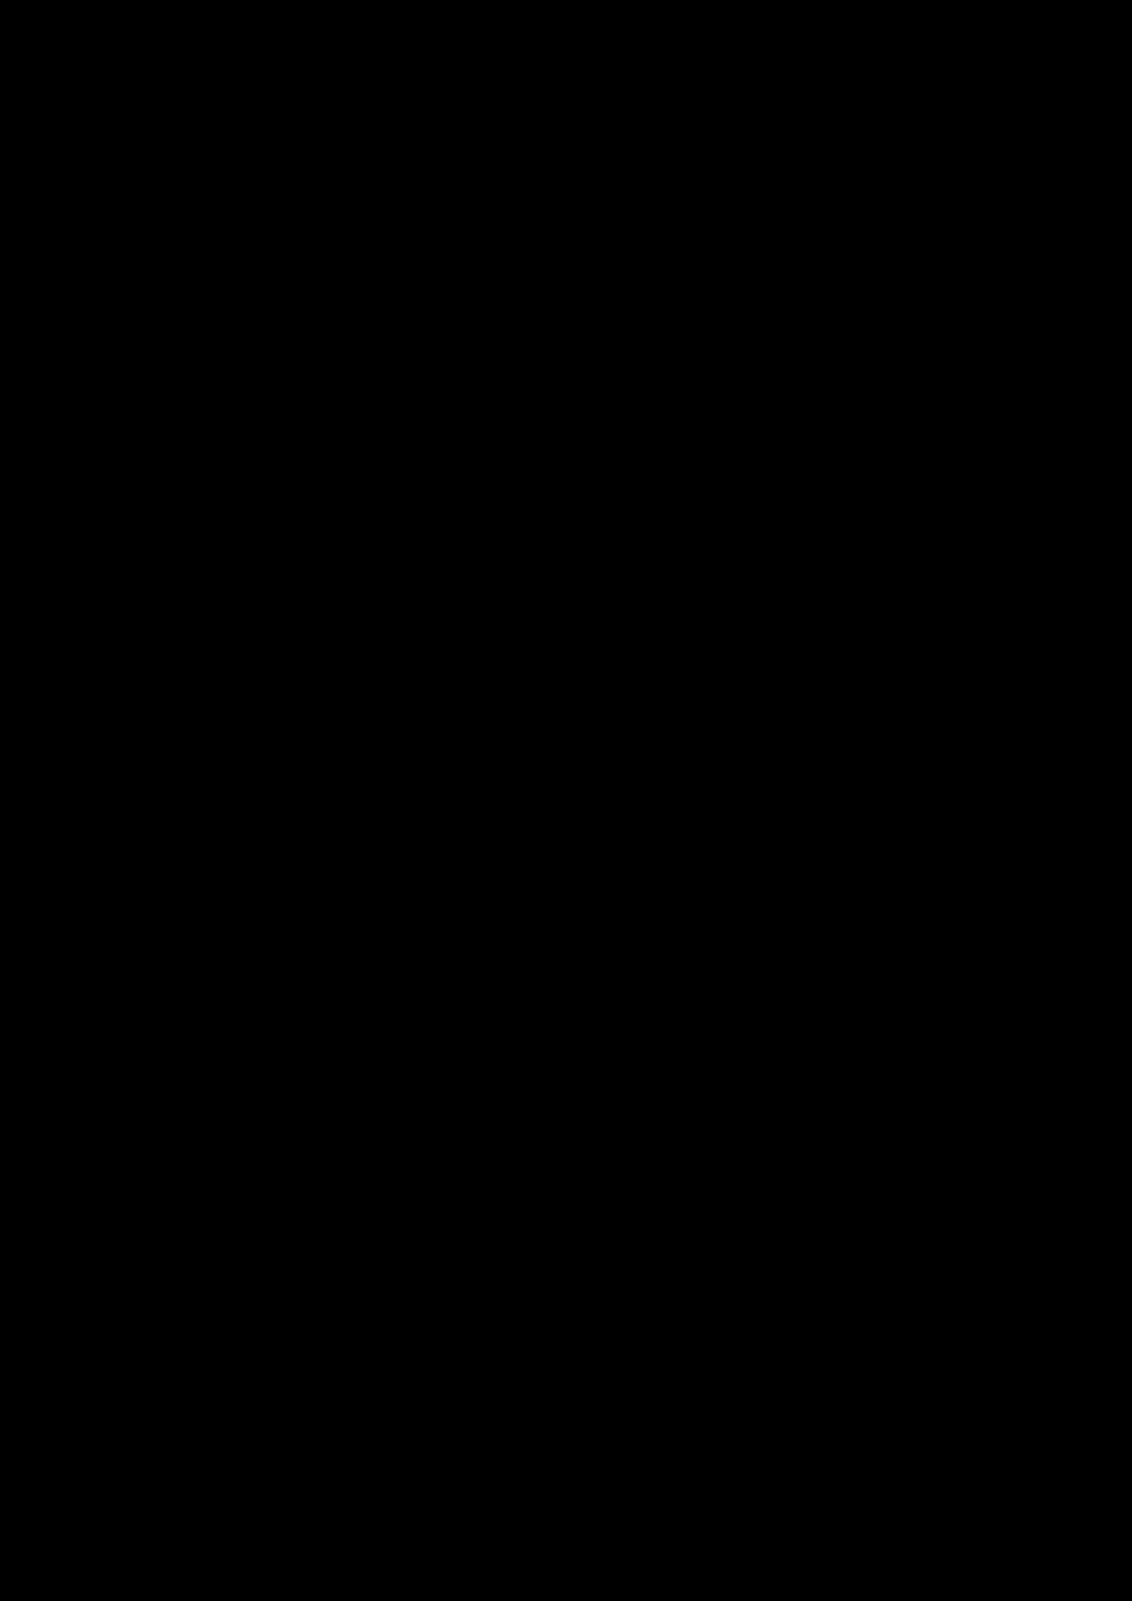 Serdtse slide, Image 3